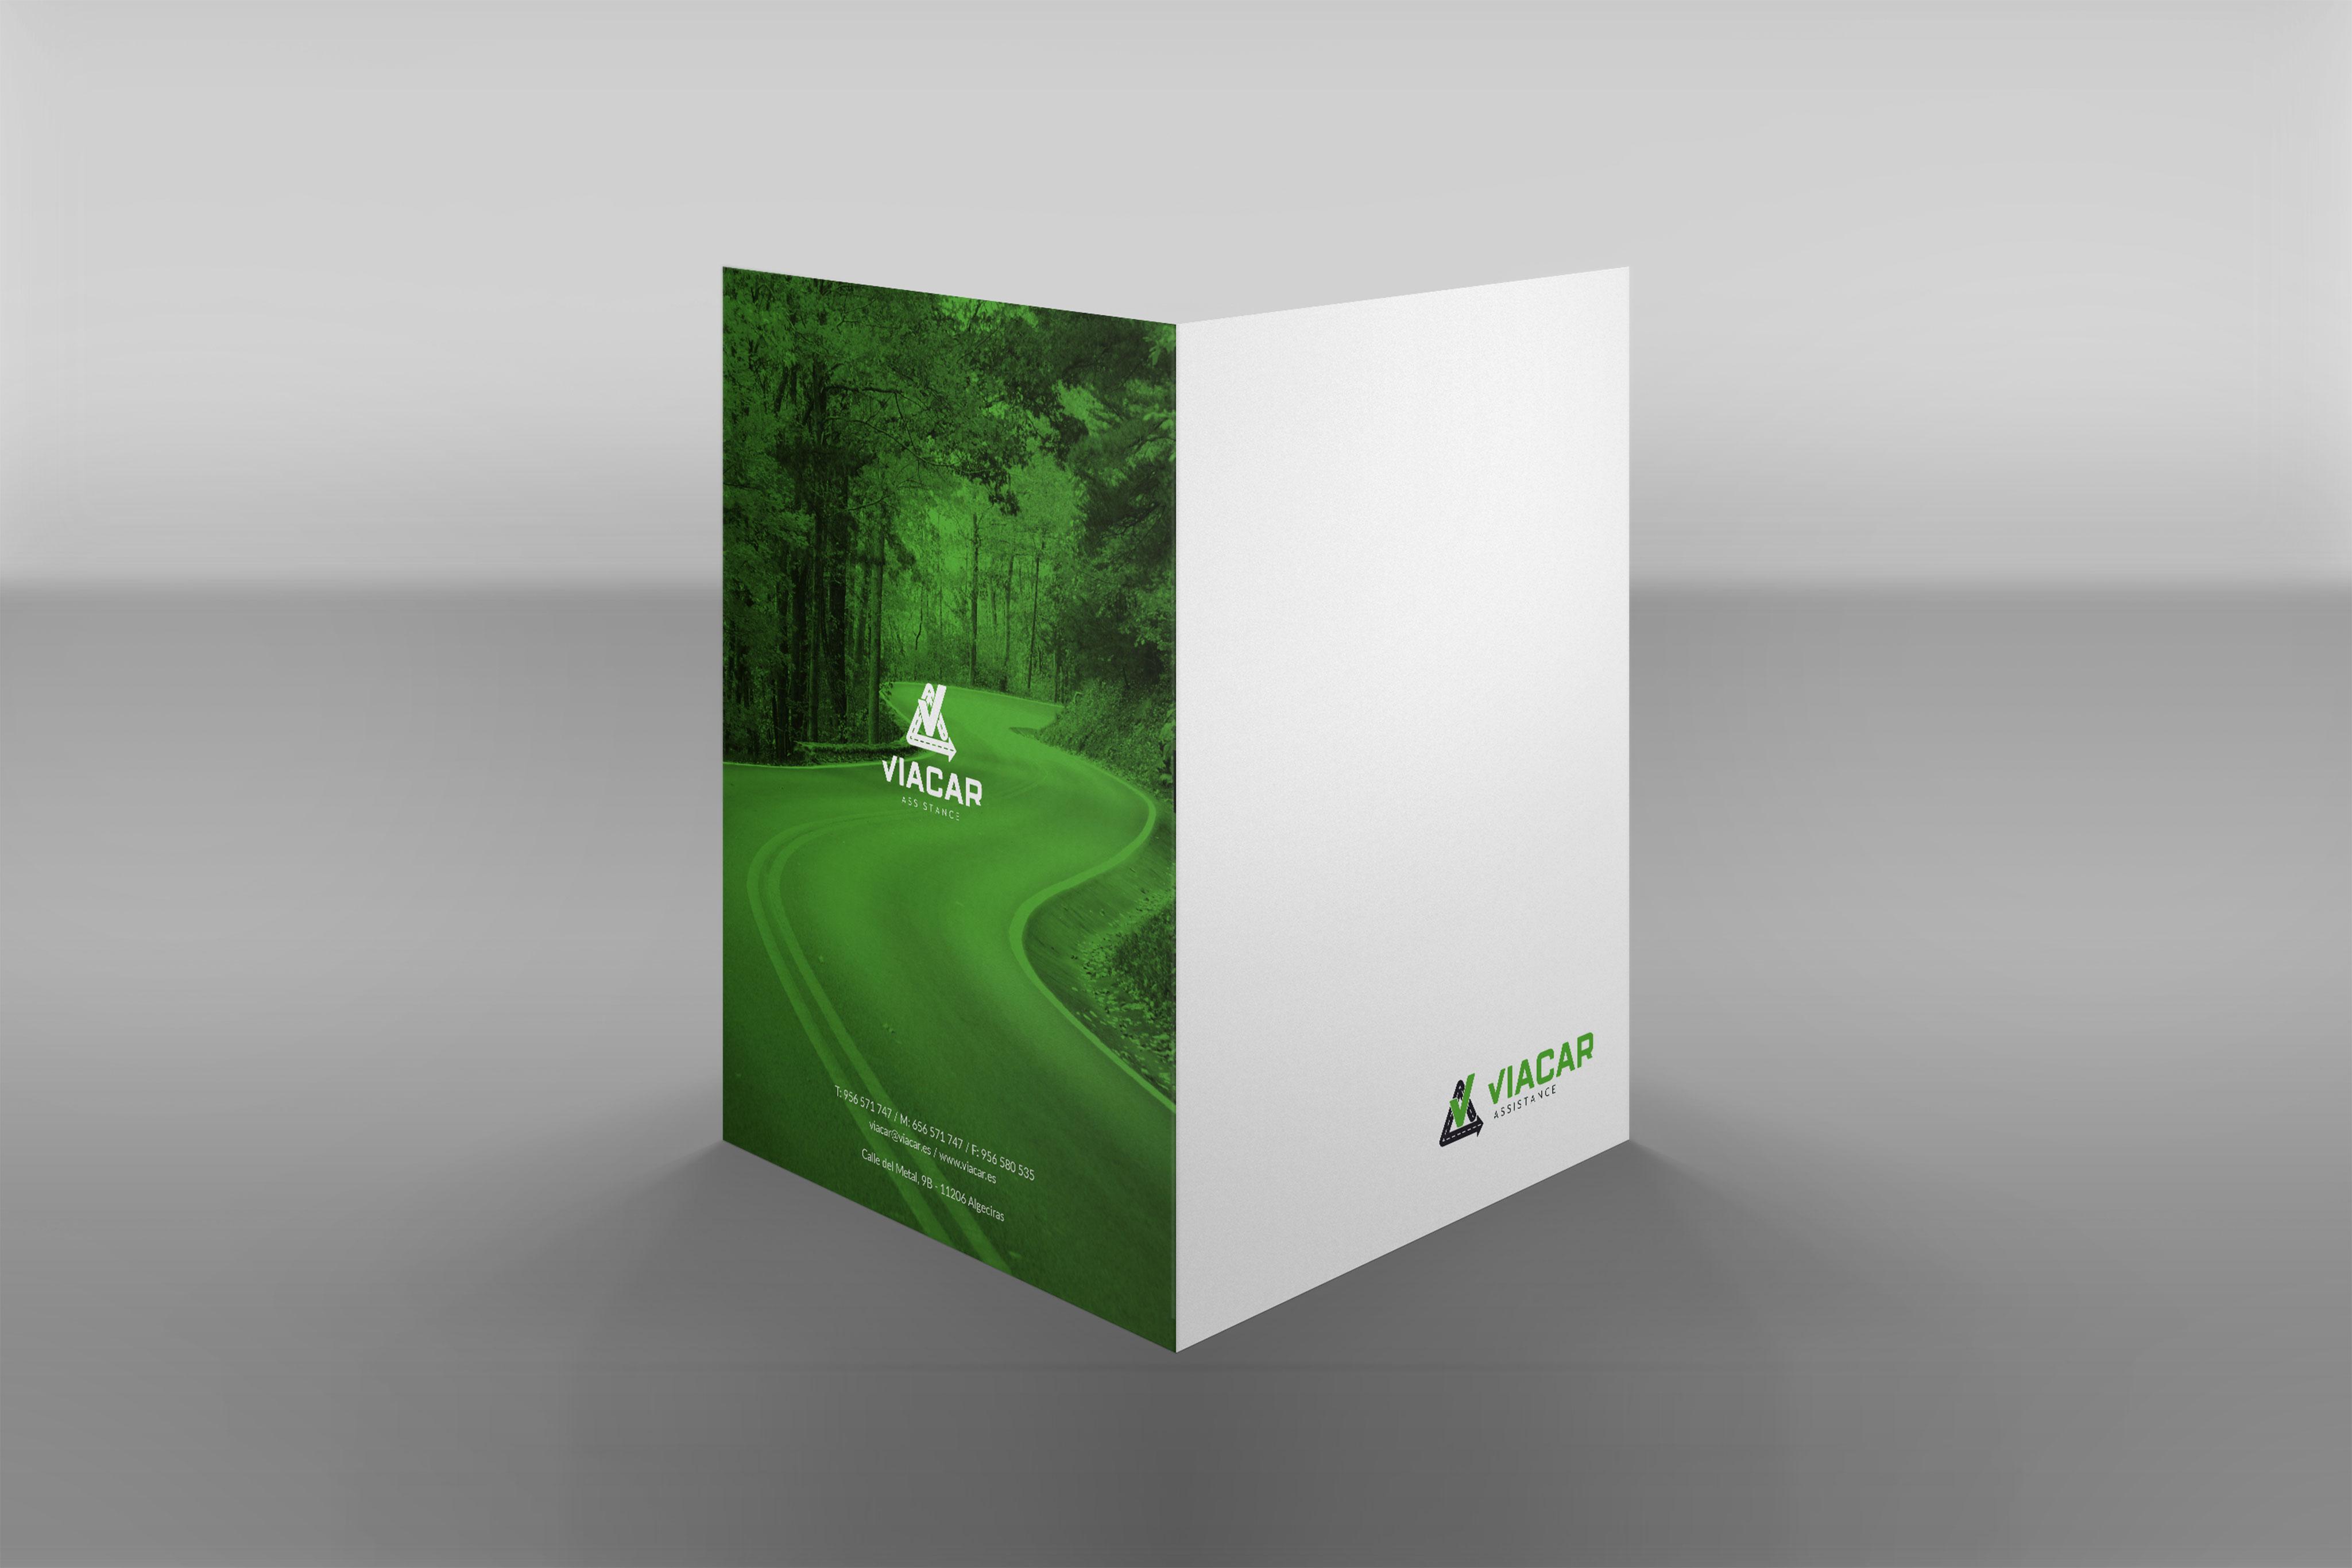 diseño-papeleria-viacar-agencia-adhoc